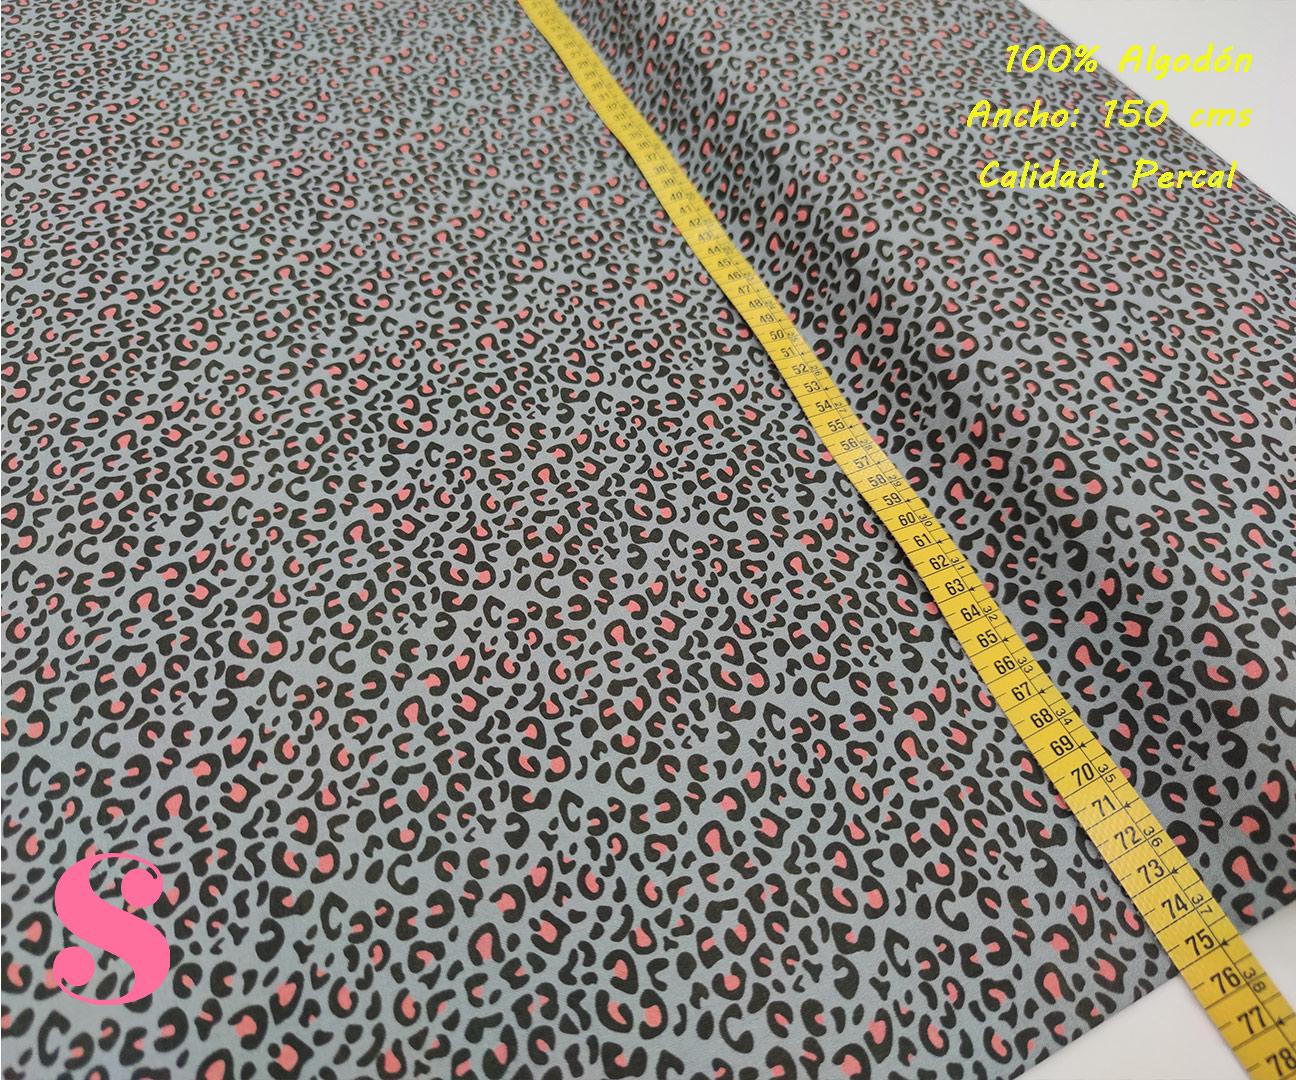 630-manchas-fucsia-fondo-gris-animal-print-leopardo-tejidos-algodón-estampado-percal,Tejido Estampado Animal Print Gris Mancha Rosa,leopardo multicolor,estampado leopardo de colores